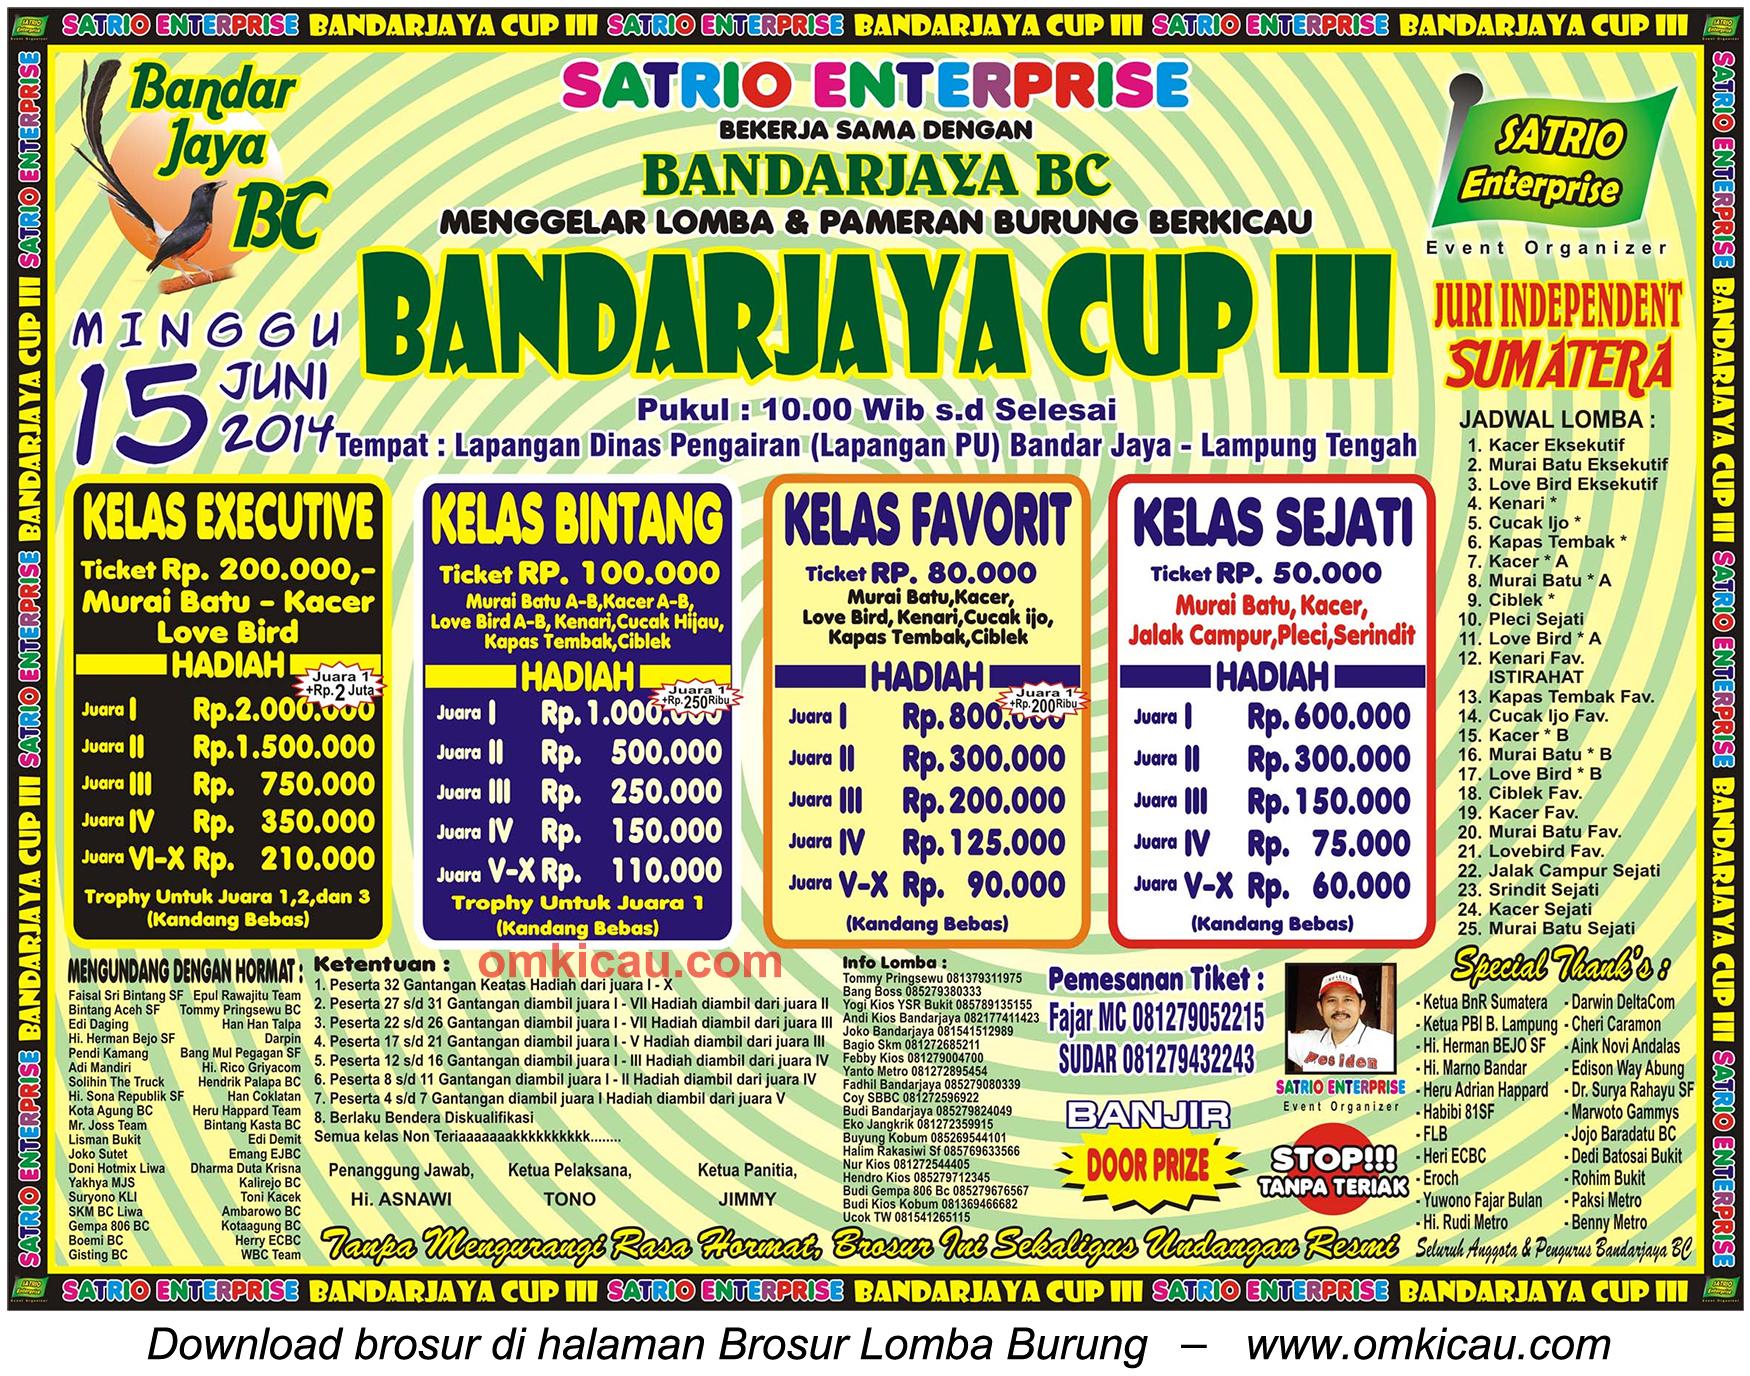 Brosur Lomba Burung Berkicau Bandarjaya Cup III, Lampung Tengah, 15 Juni 2014